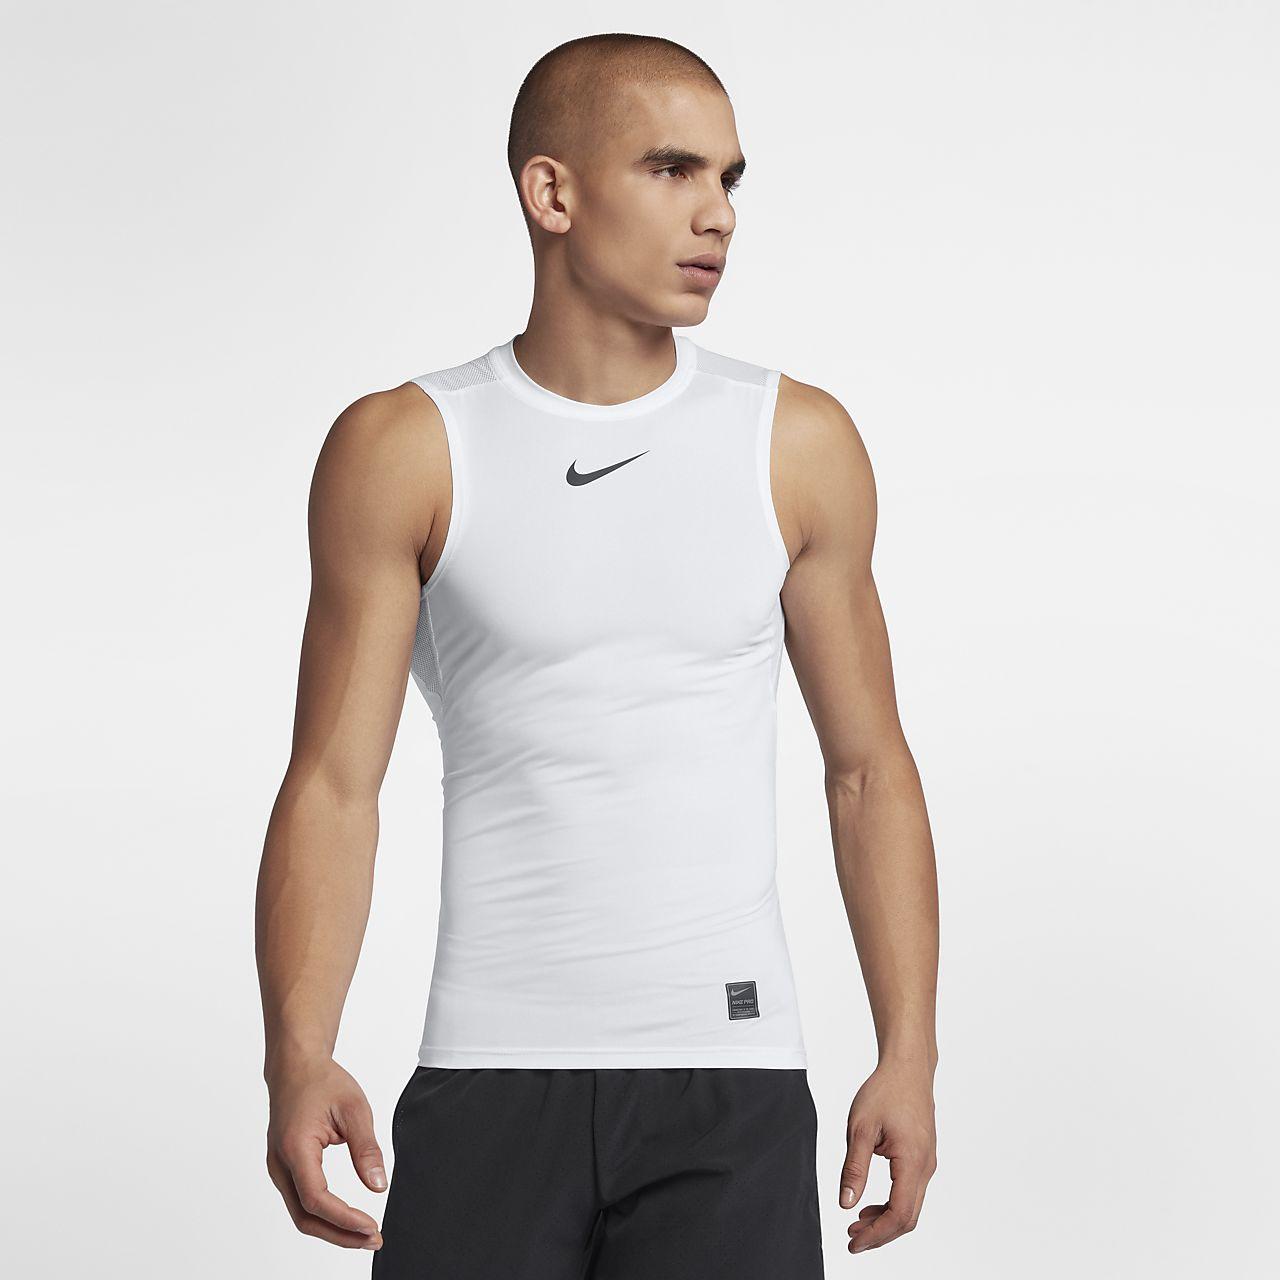 Ανδρική αμάνικη μπλούζα προπόνησης Nike Pro